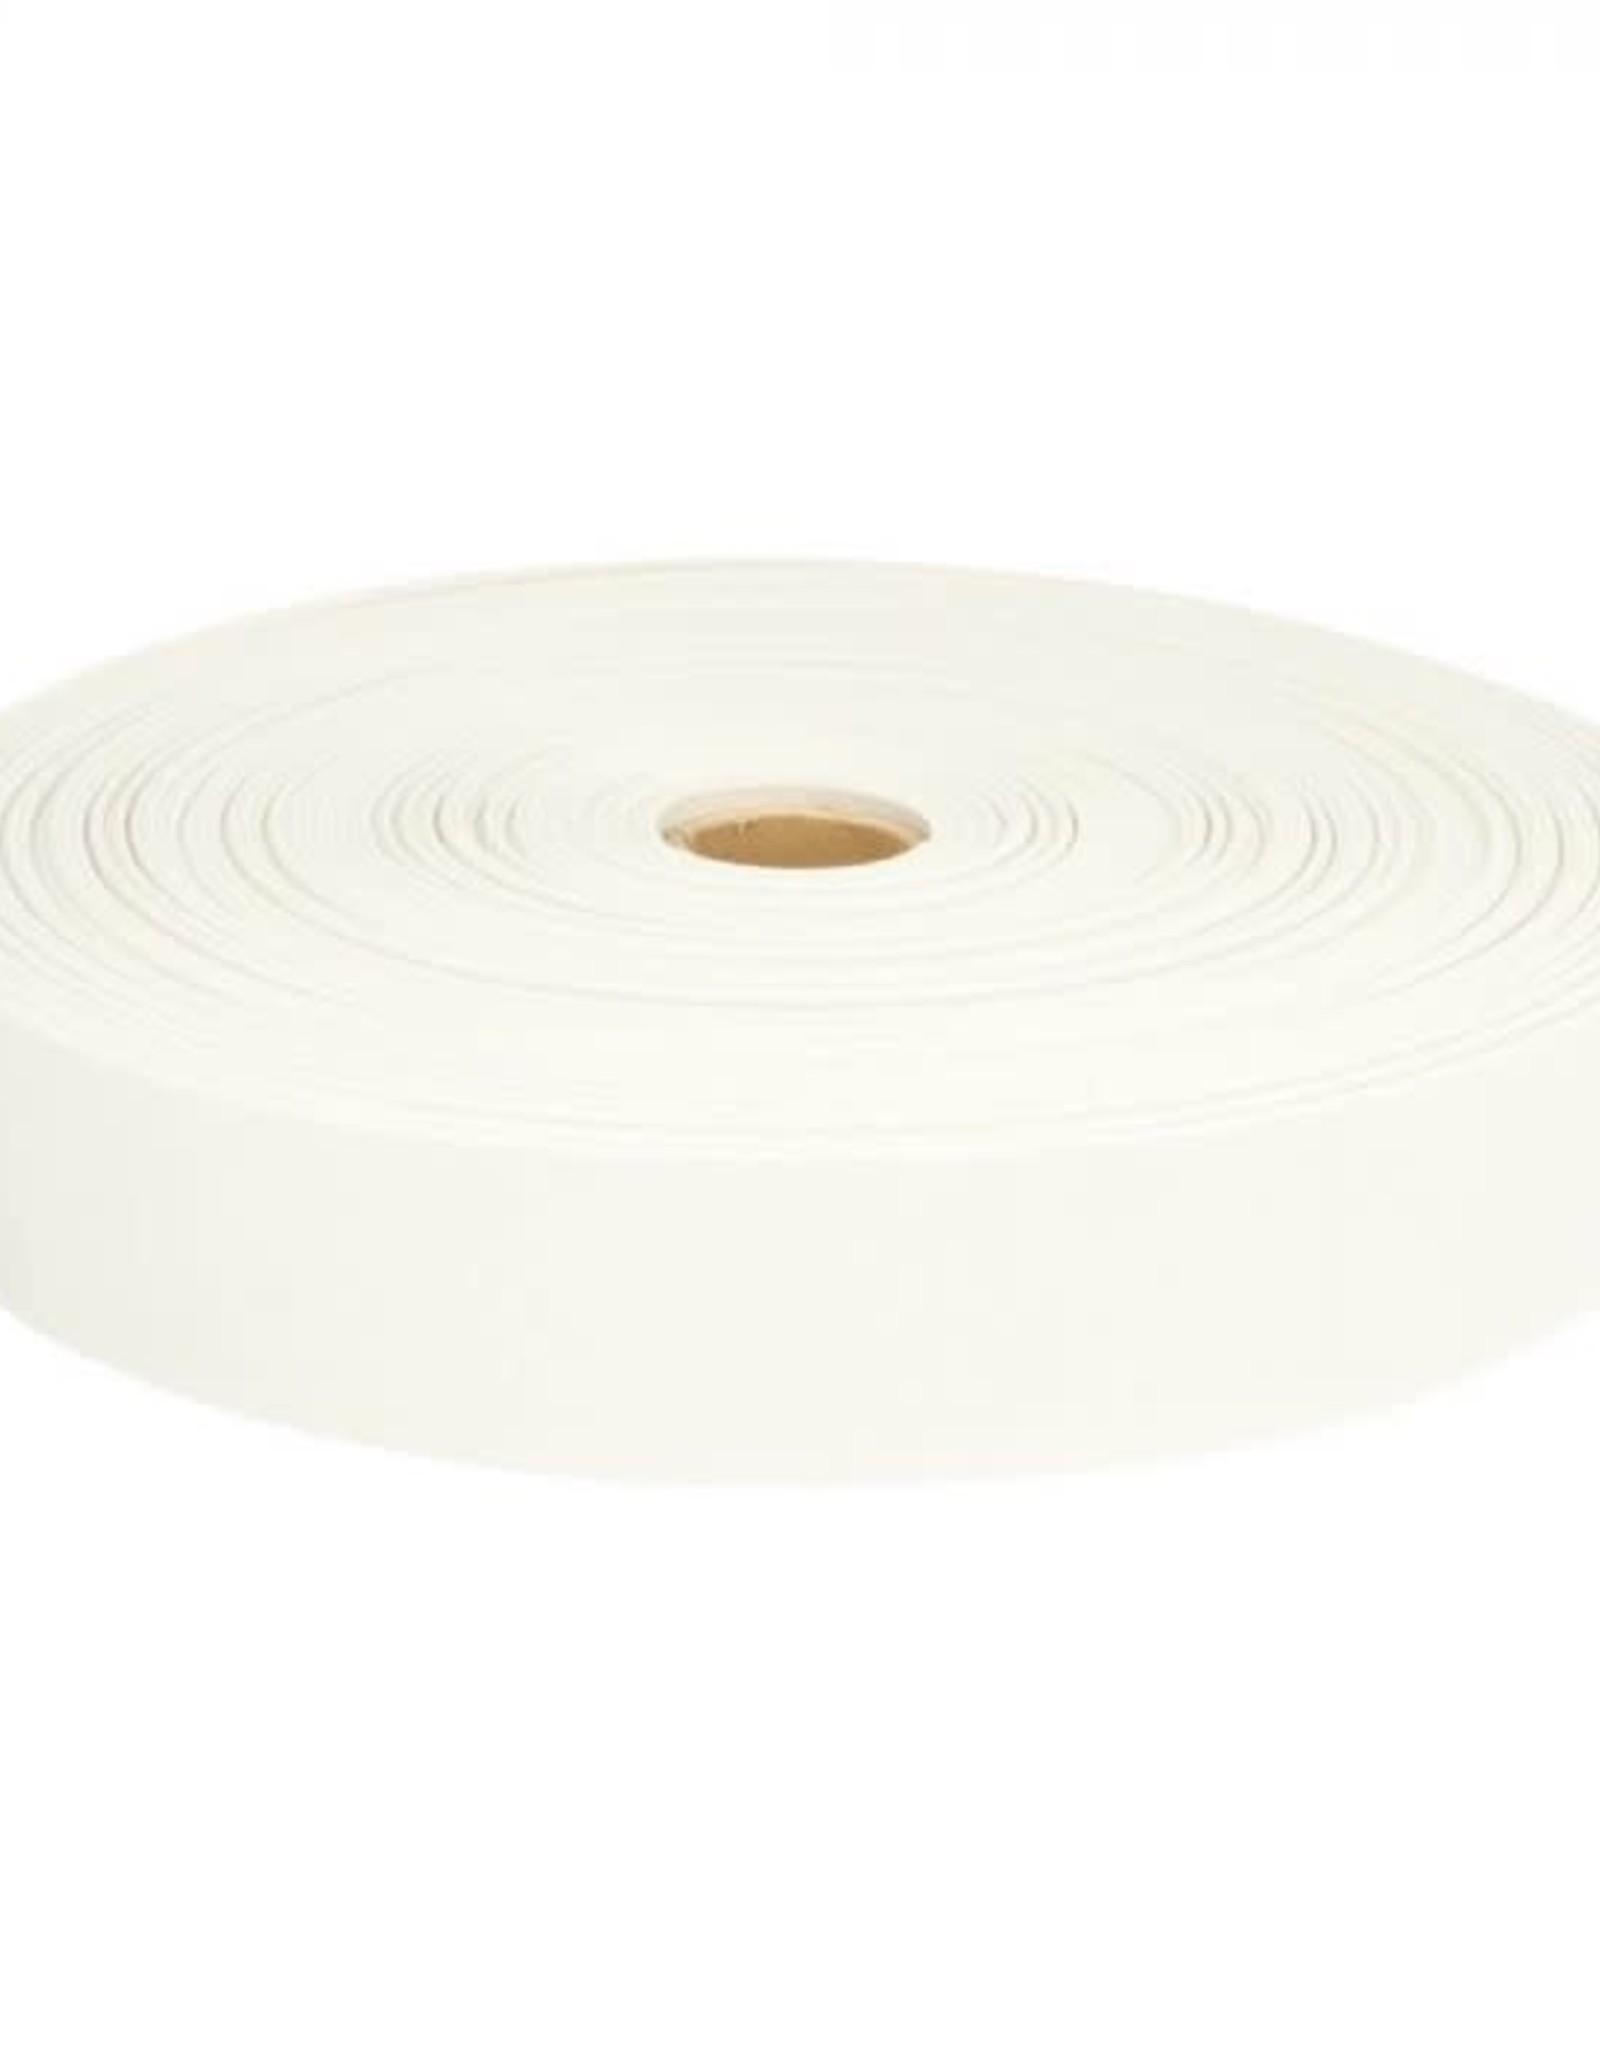 Geen merk Stevig elastiek wit 30 mm